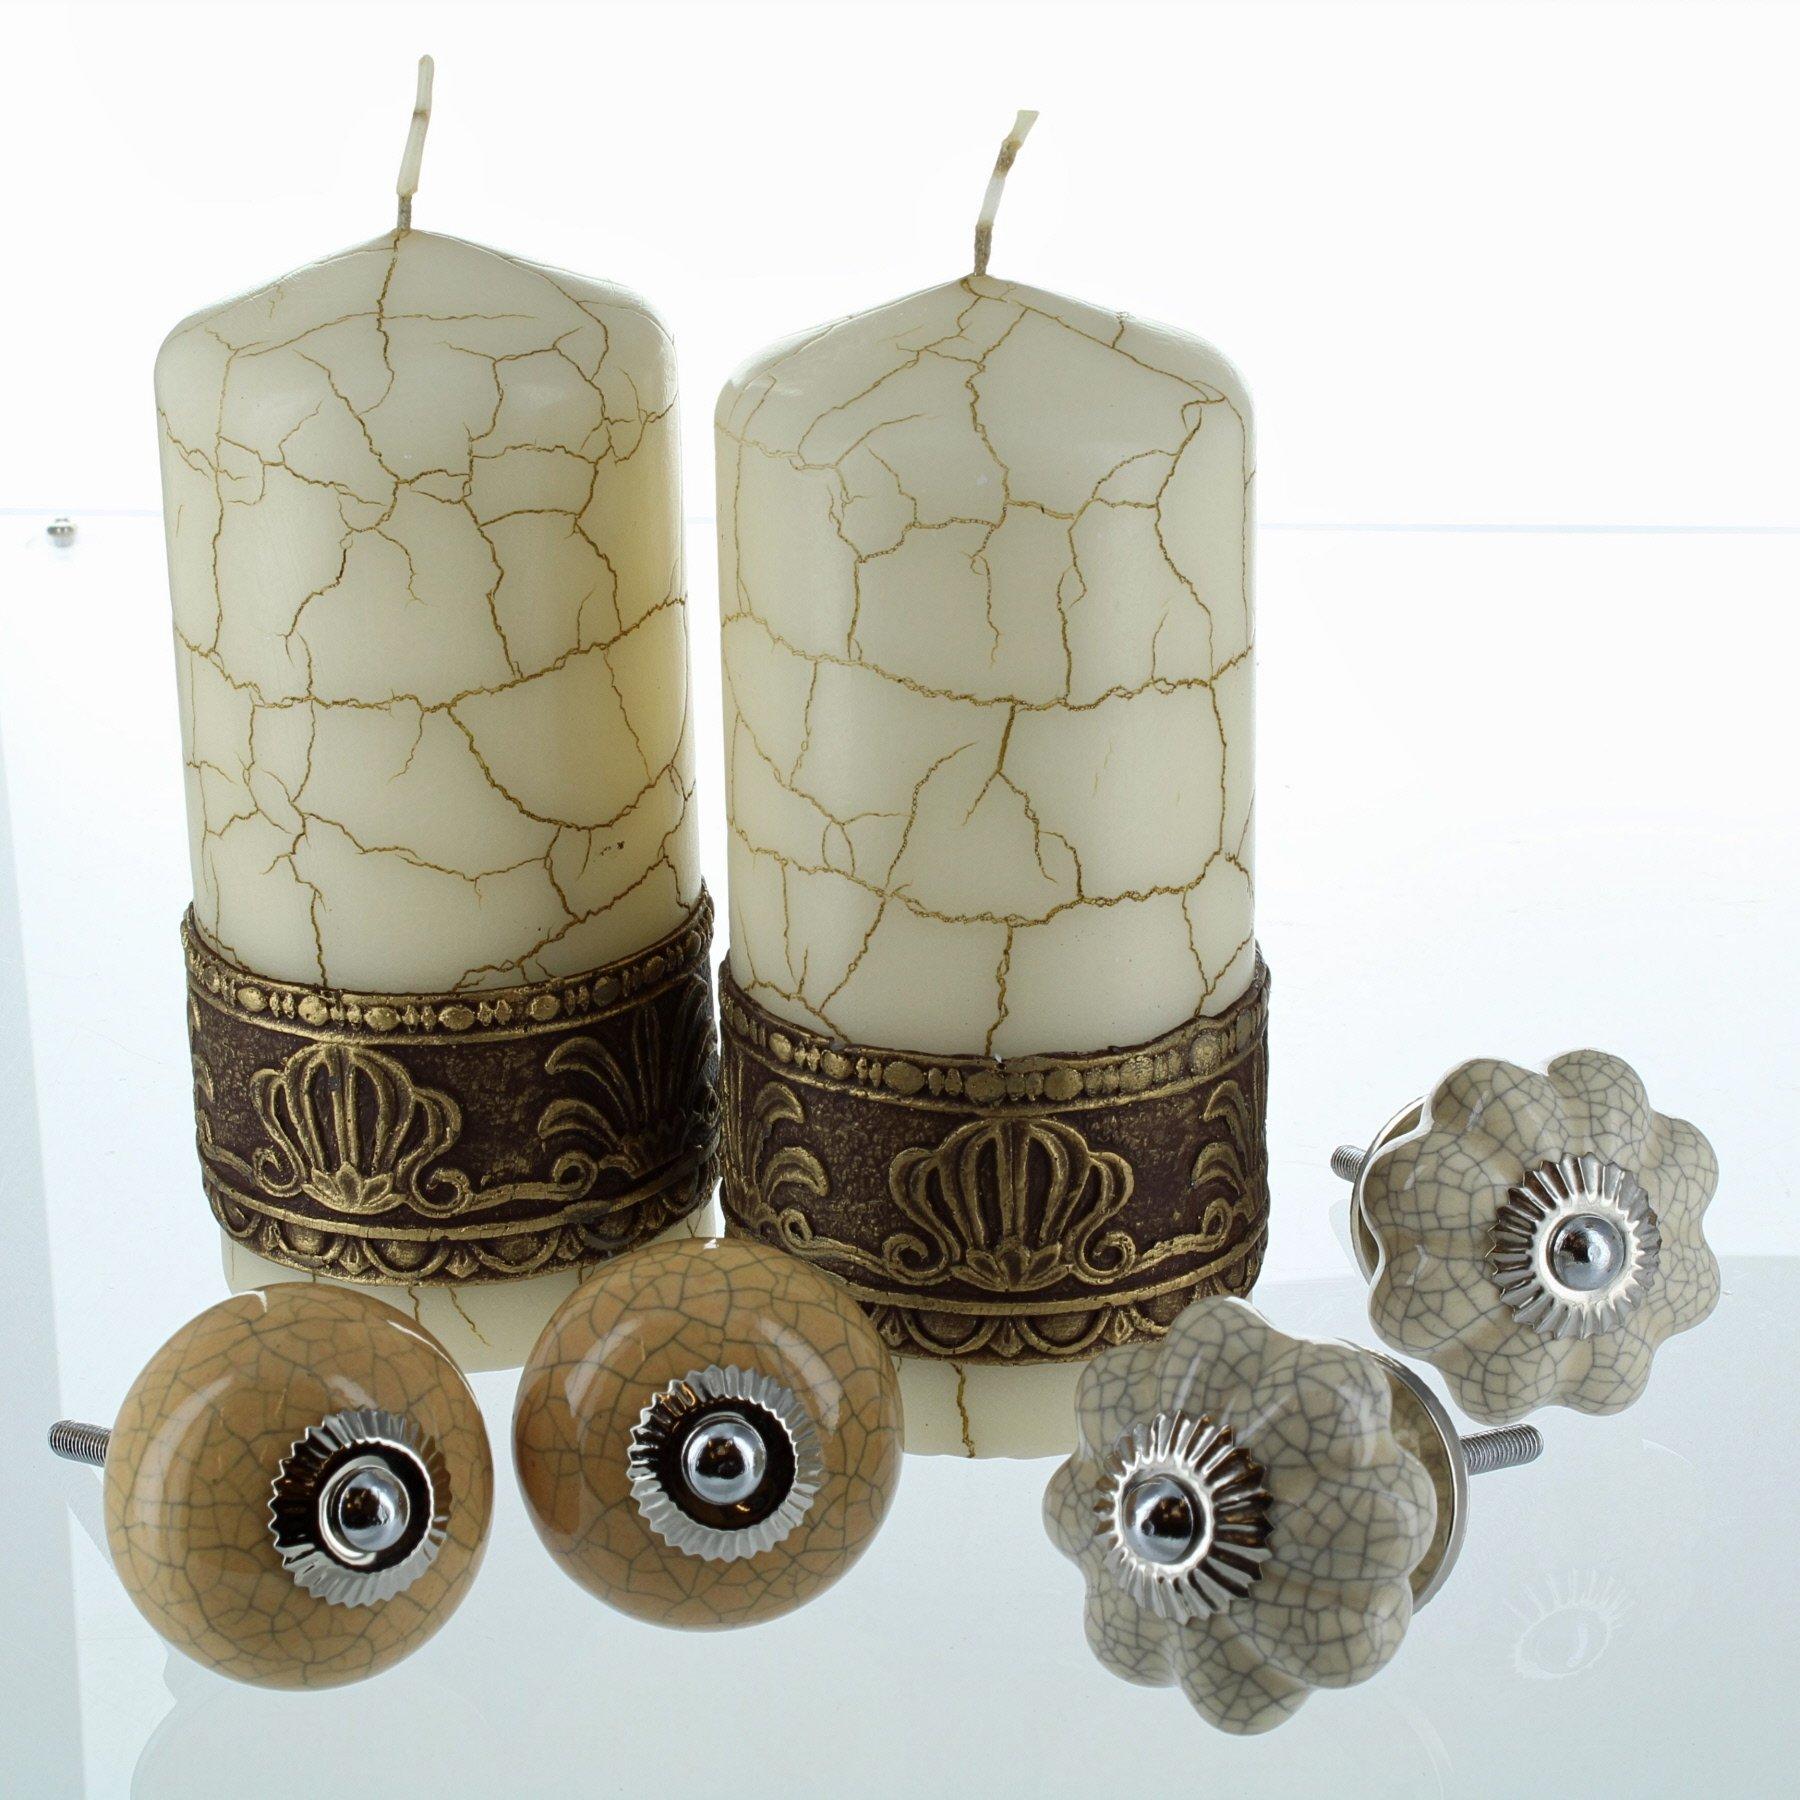 Crema crackle pilastro candela e crema e senape gialla in ceramica porta manopole